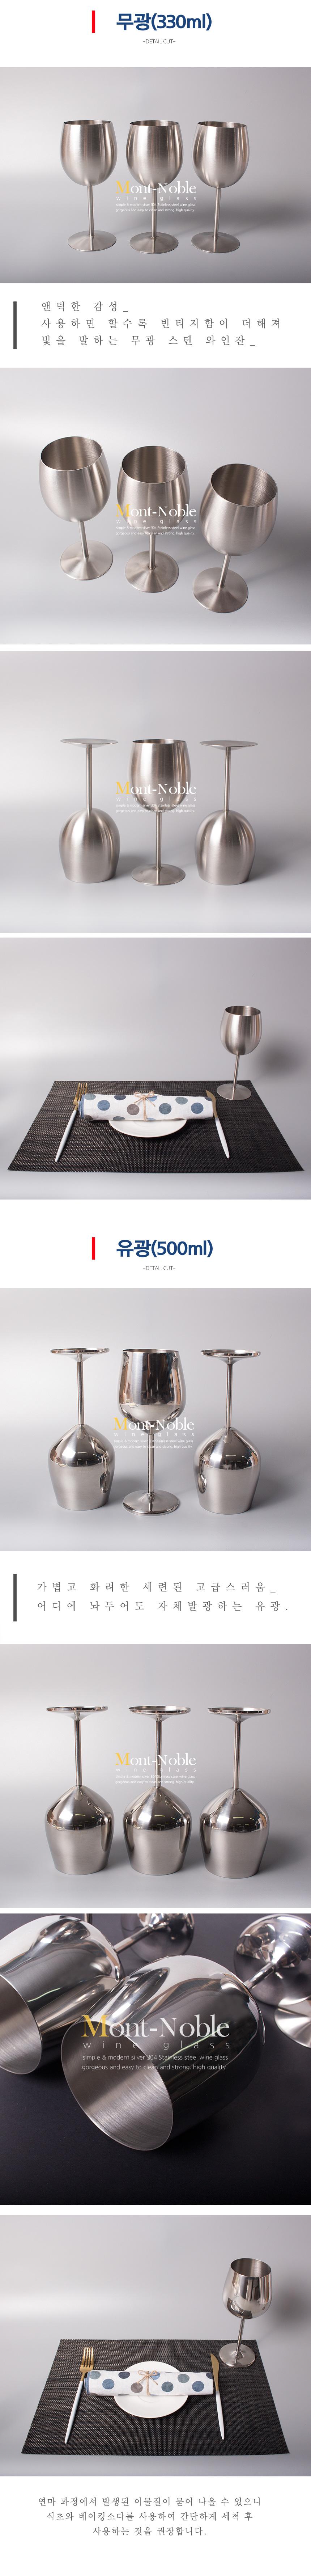 스테인리스 와인잔 - 몽트노블, 10,900원, 피크닉도시락/식기, 컵/물병